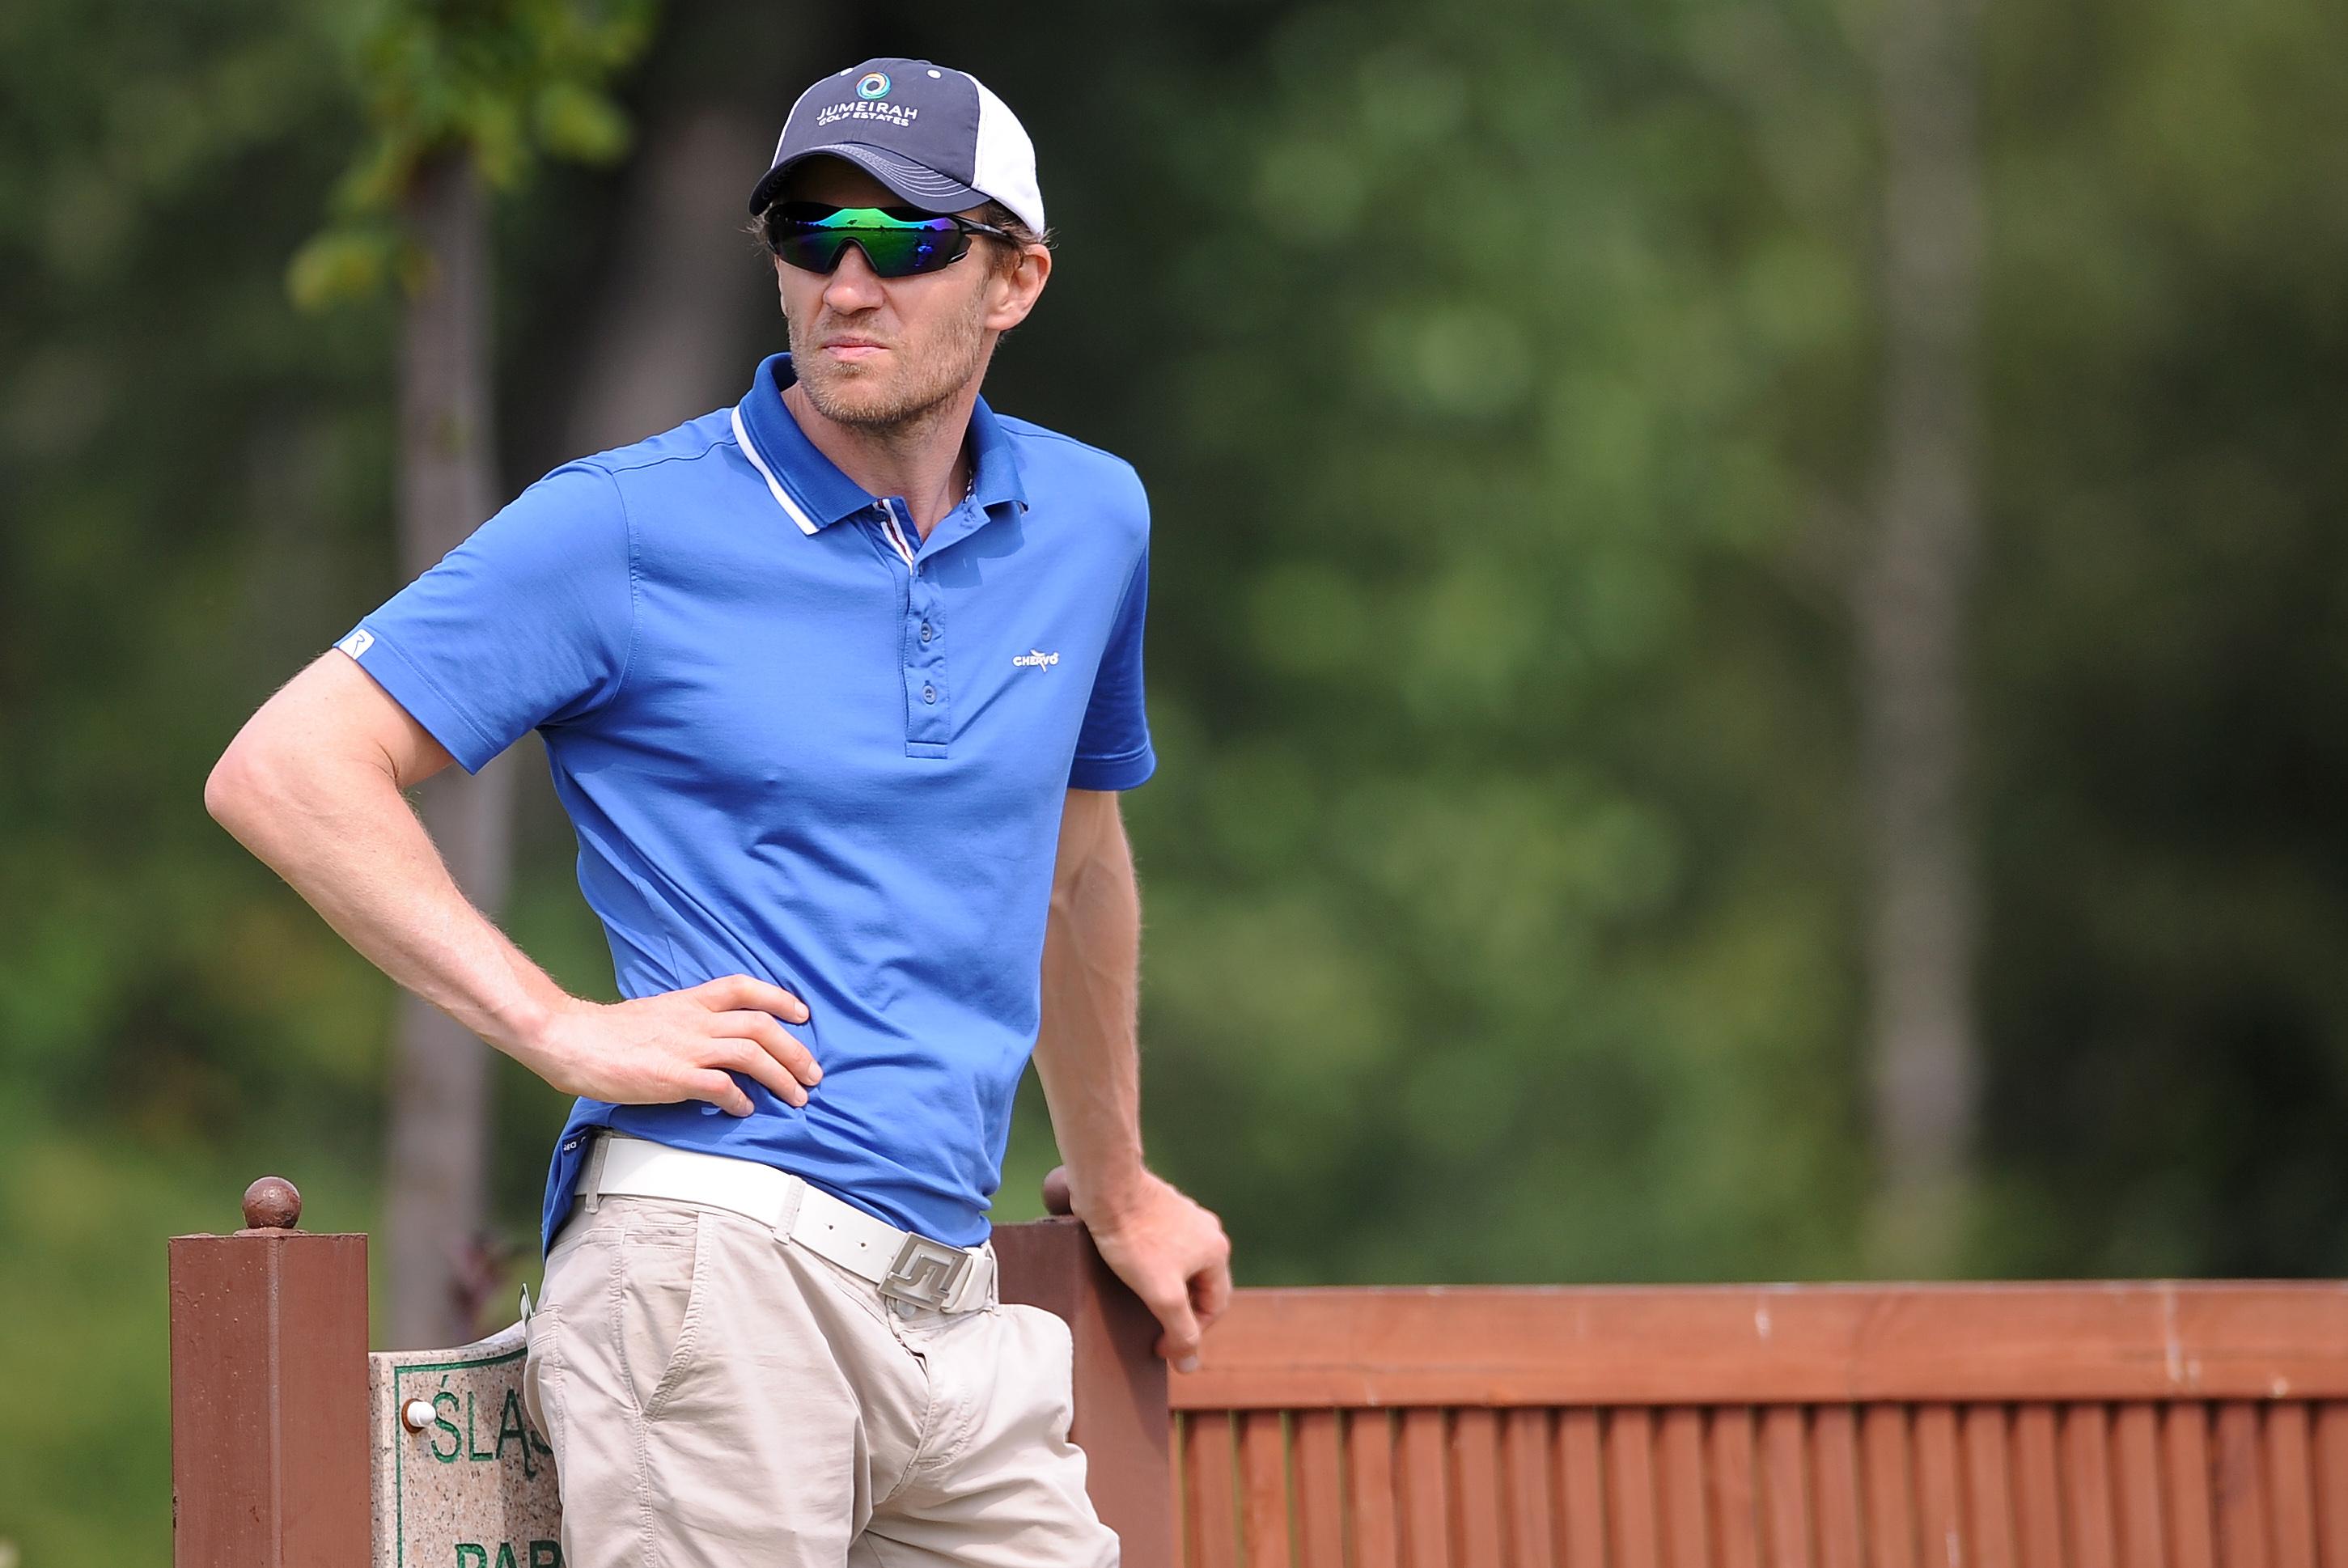 Mariusz Czerkawski podczas Golf VII Golf Cup Silesia Business & Life w Siemianowicach Śląskich.